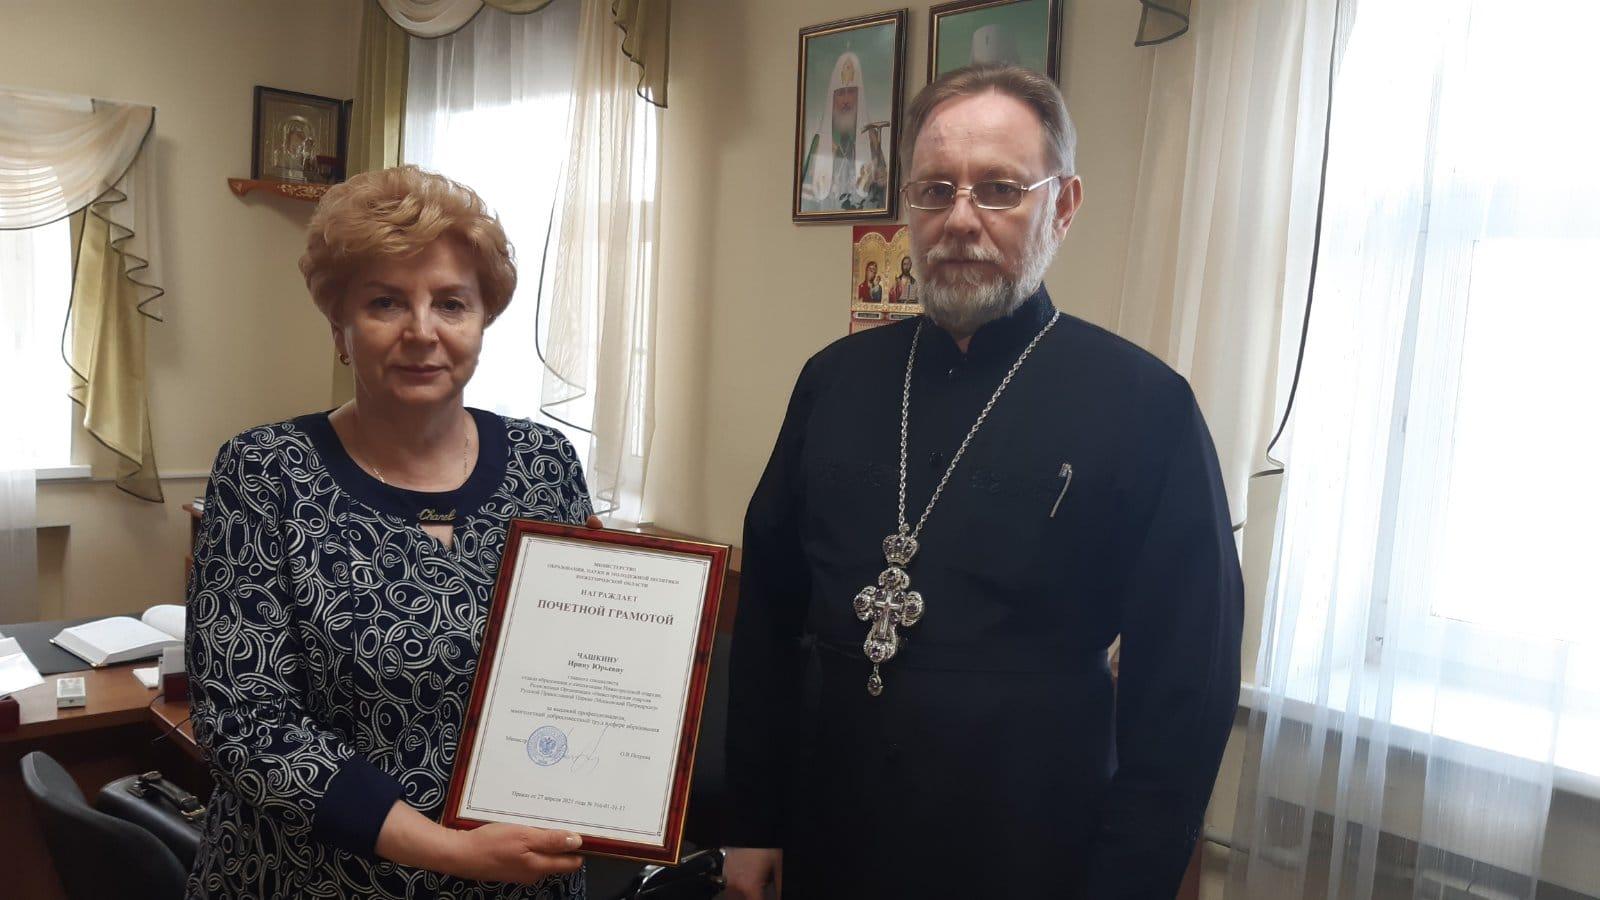 Сотрудник отдела образования и катехизации награжден грамотой Министерства образования Нижегородской области